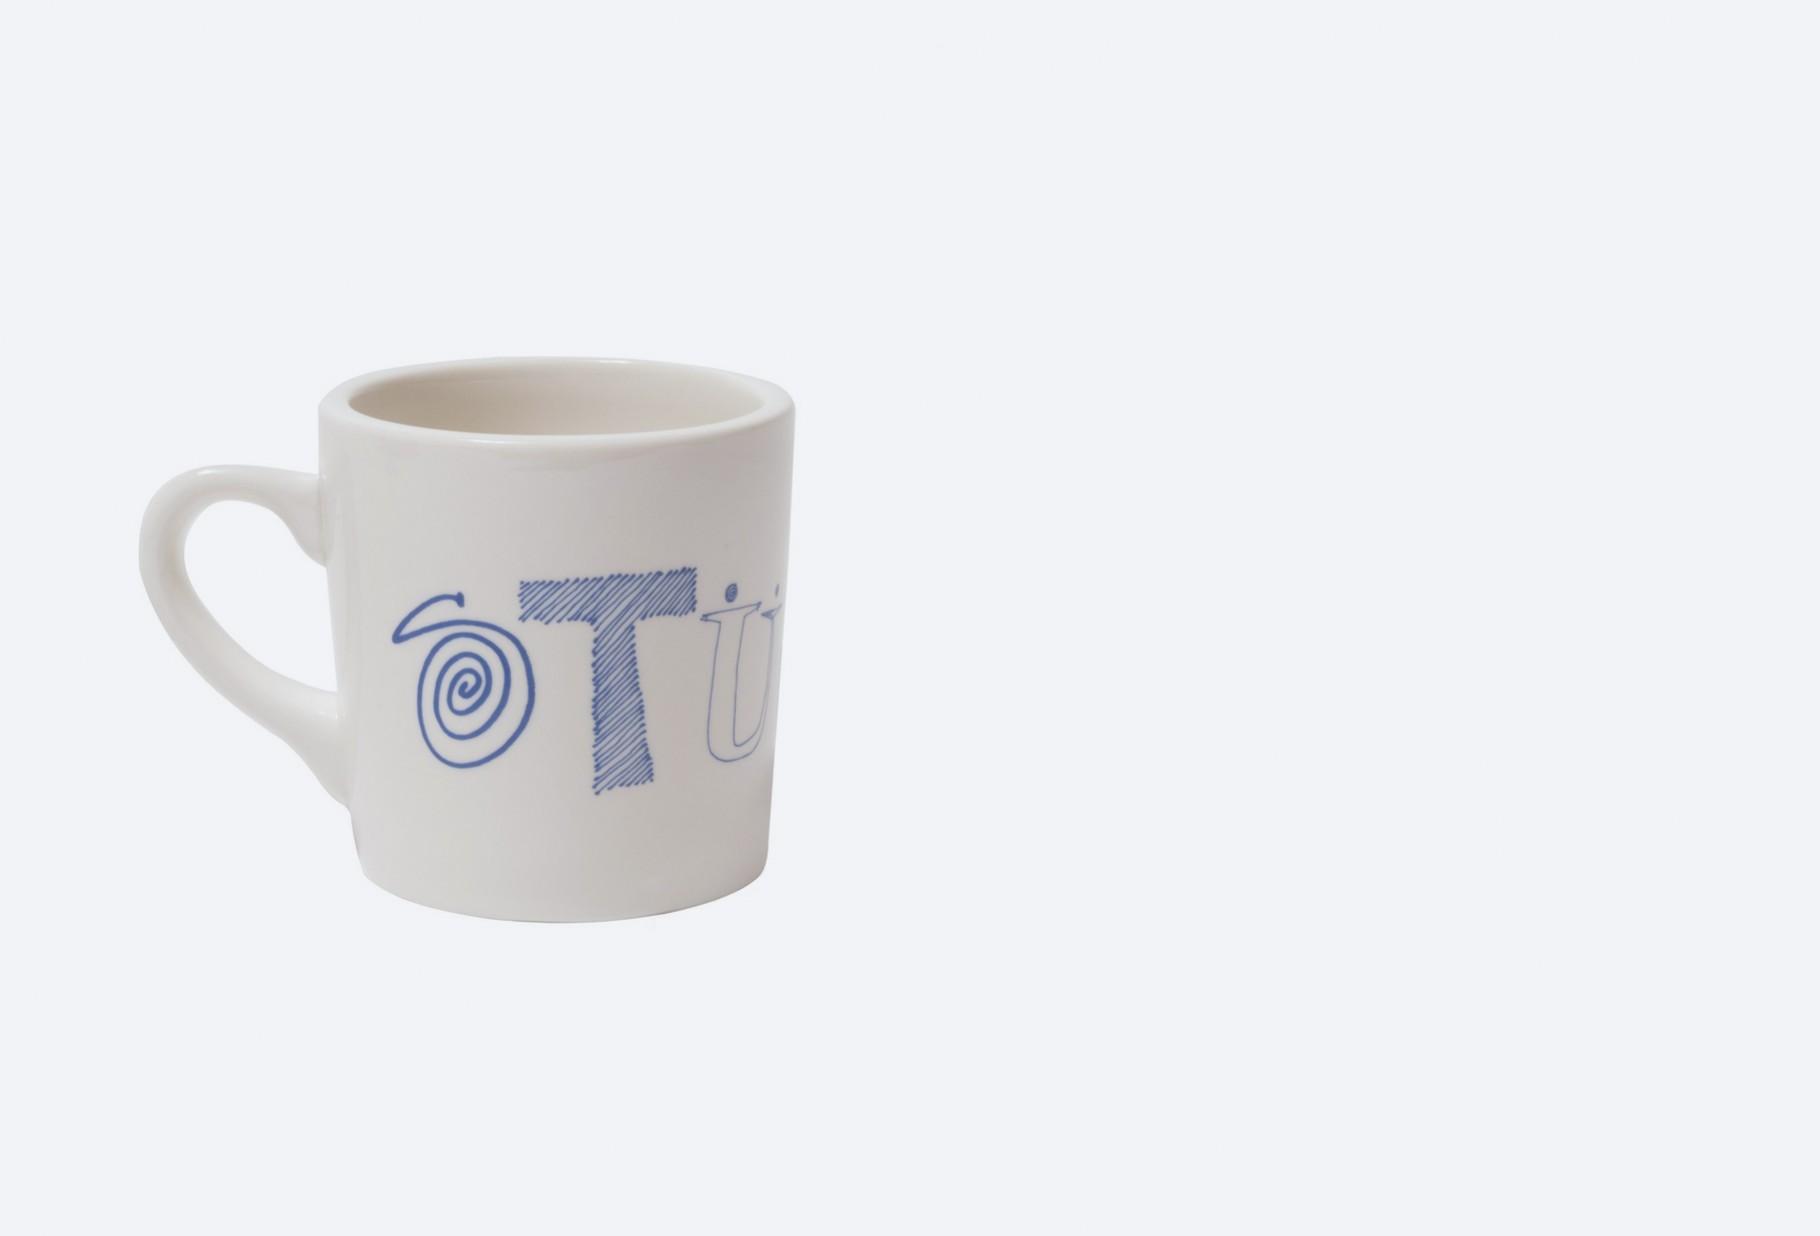 STUSSY / Ransom mug White